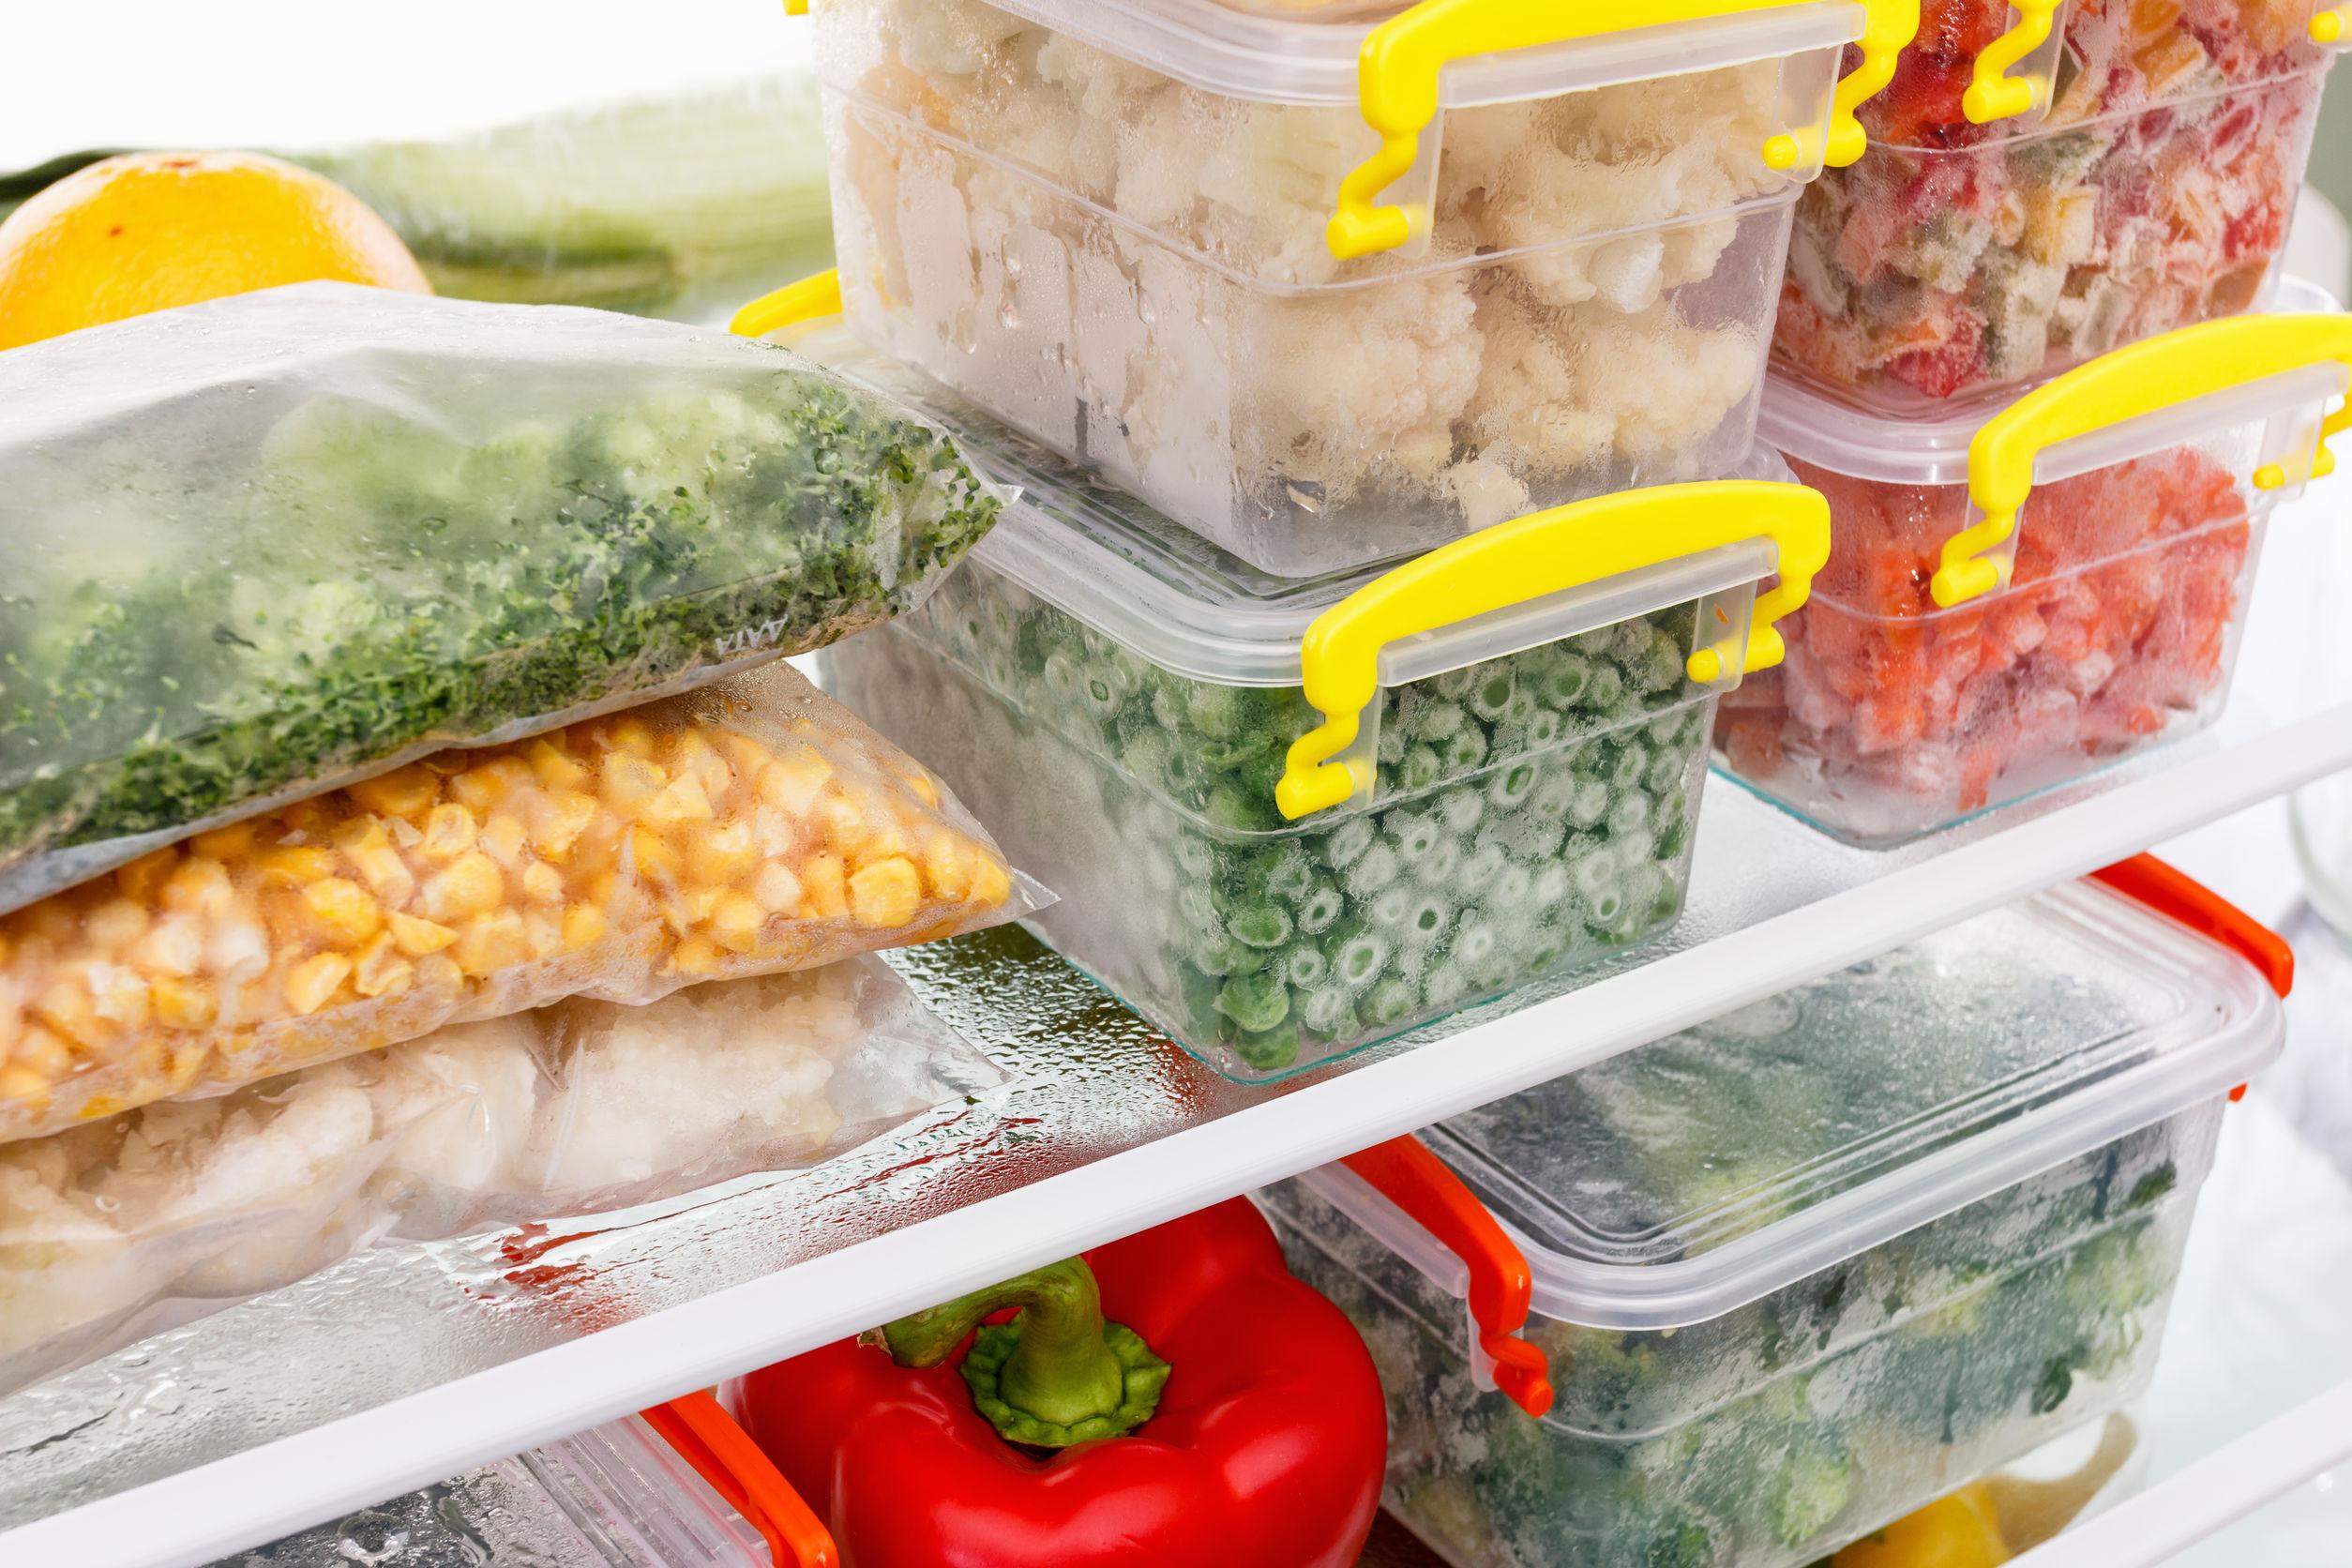 Alimentos organizados no interior de um freezer vertical